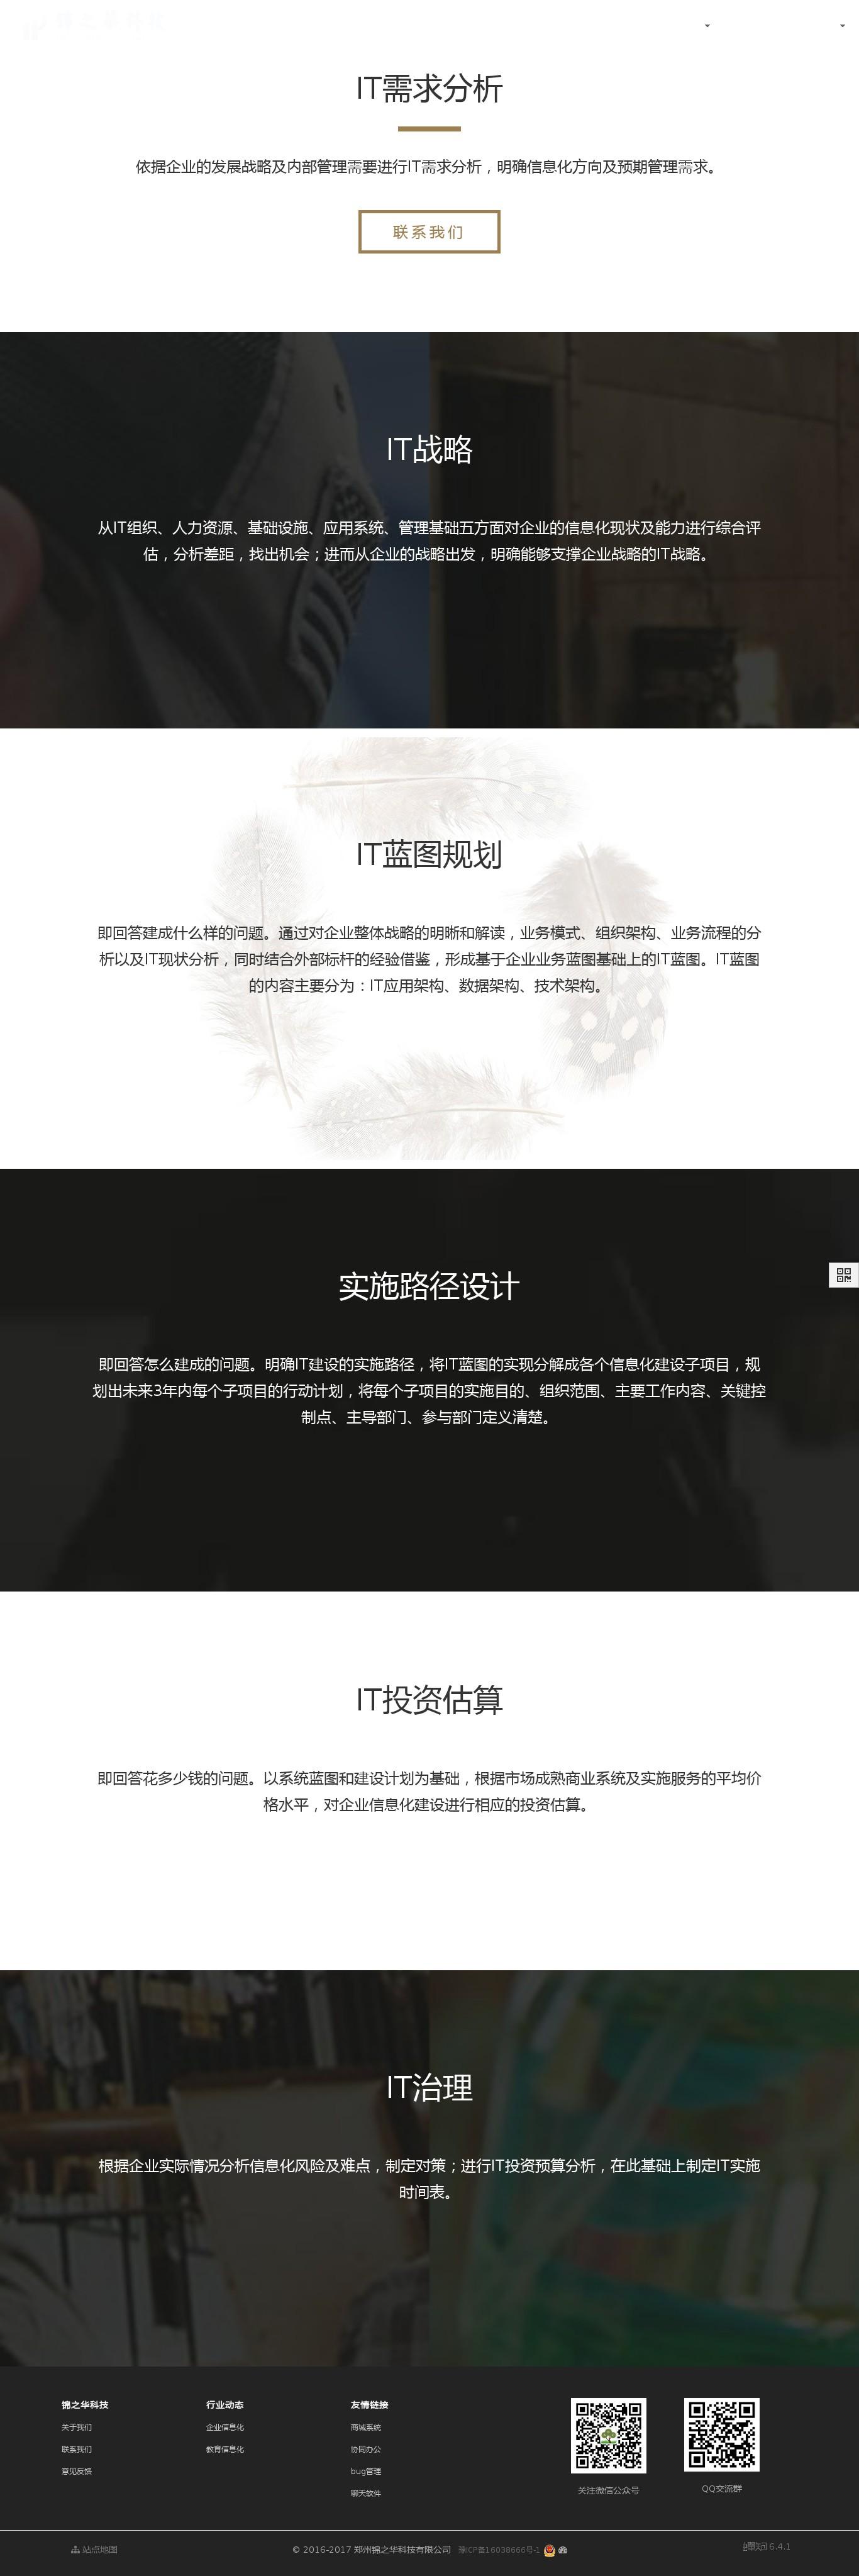 郑州锦之华科技有限公司